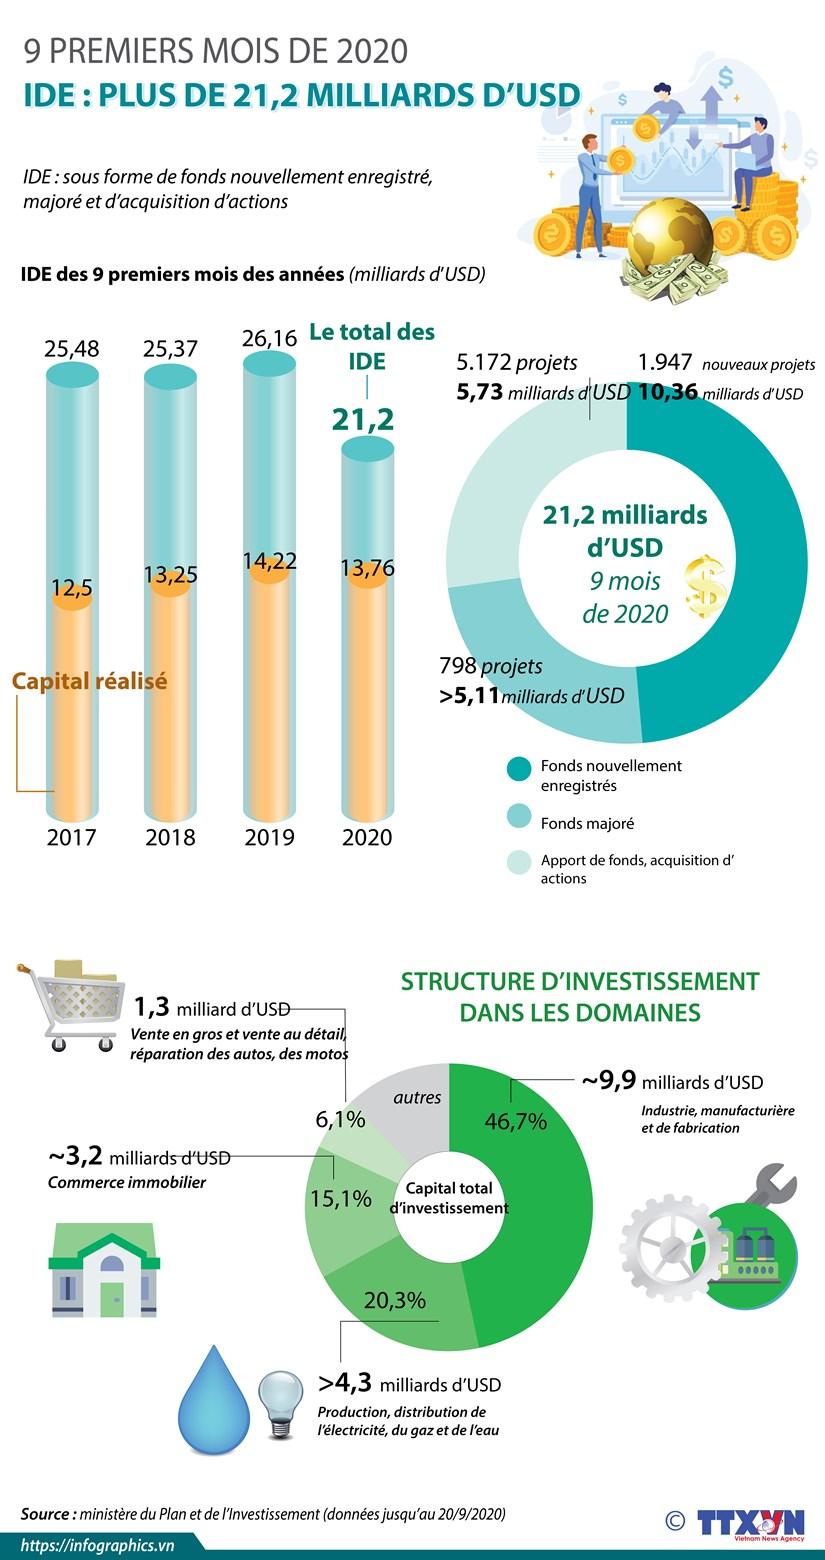 IDE : plus de 21,2 milliards d'USD en 9 premiers mois de 2020 hinh anh 1